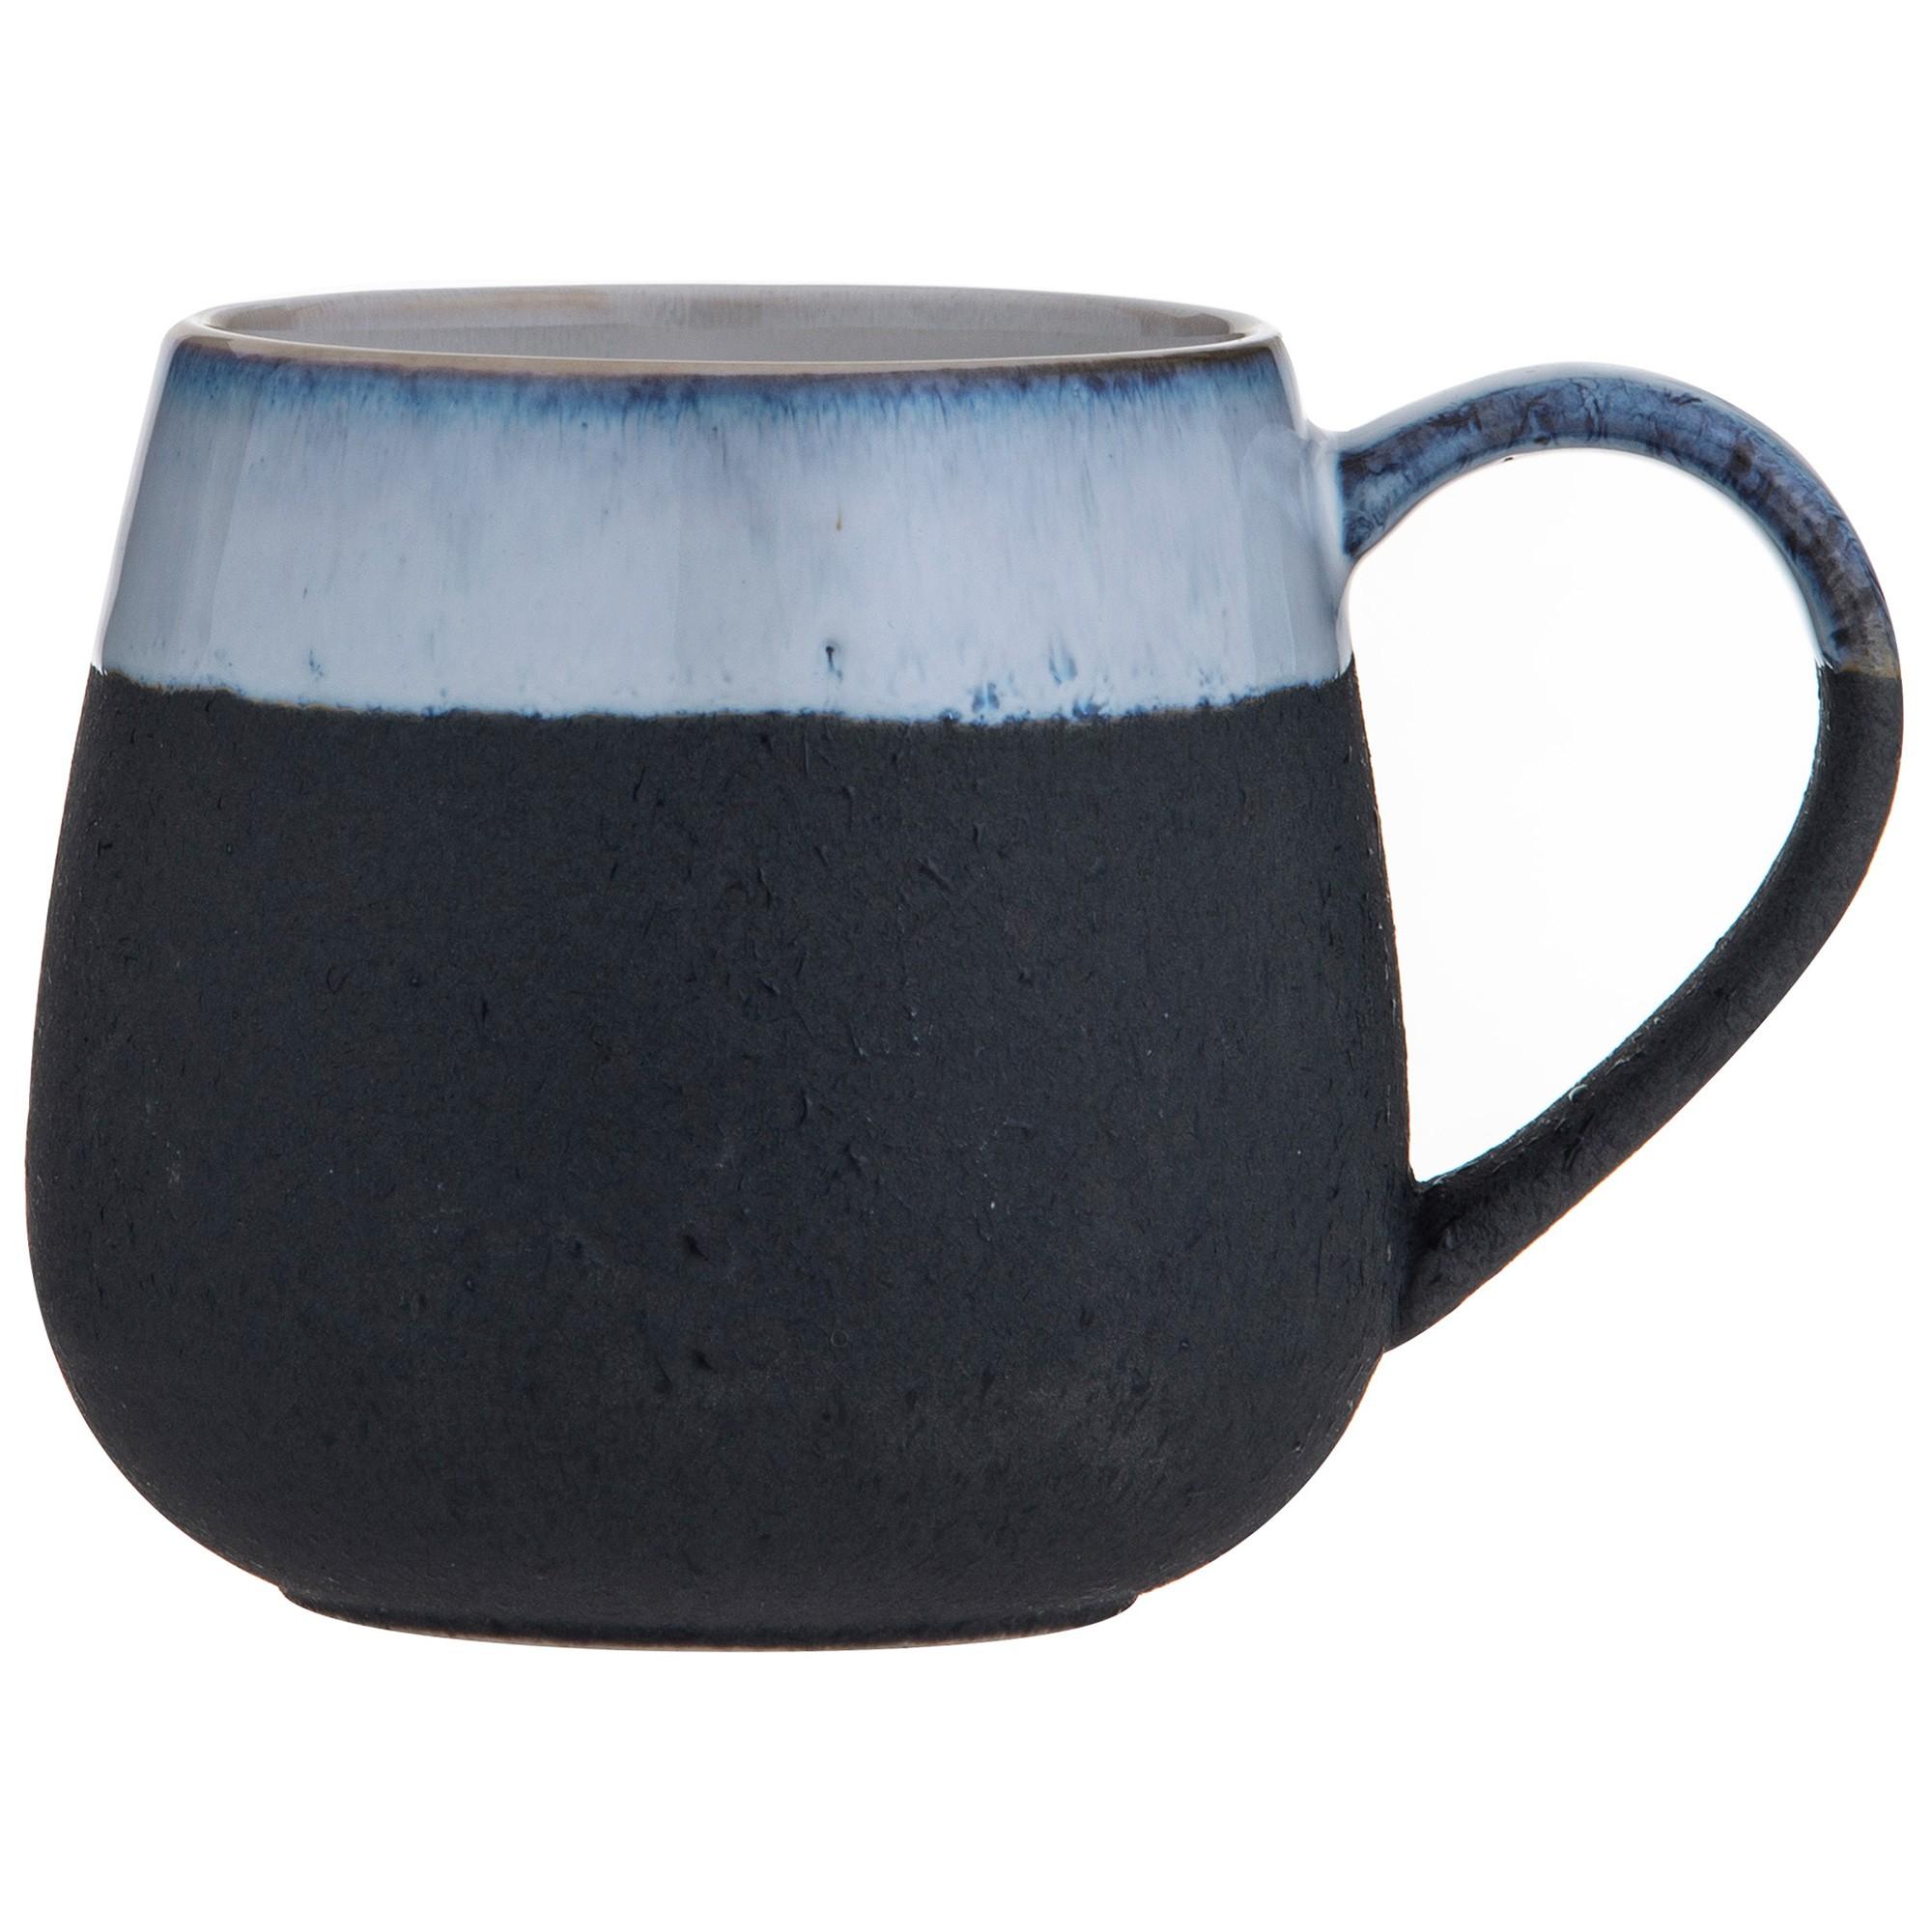 Leaf & Bean Milan Reactive Glaze Ceramic Mug, Black